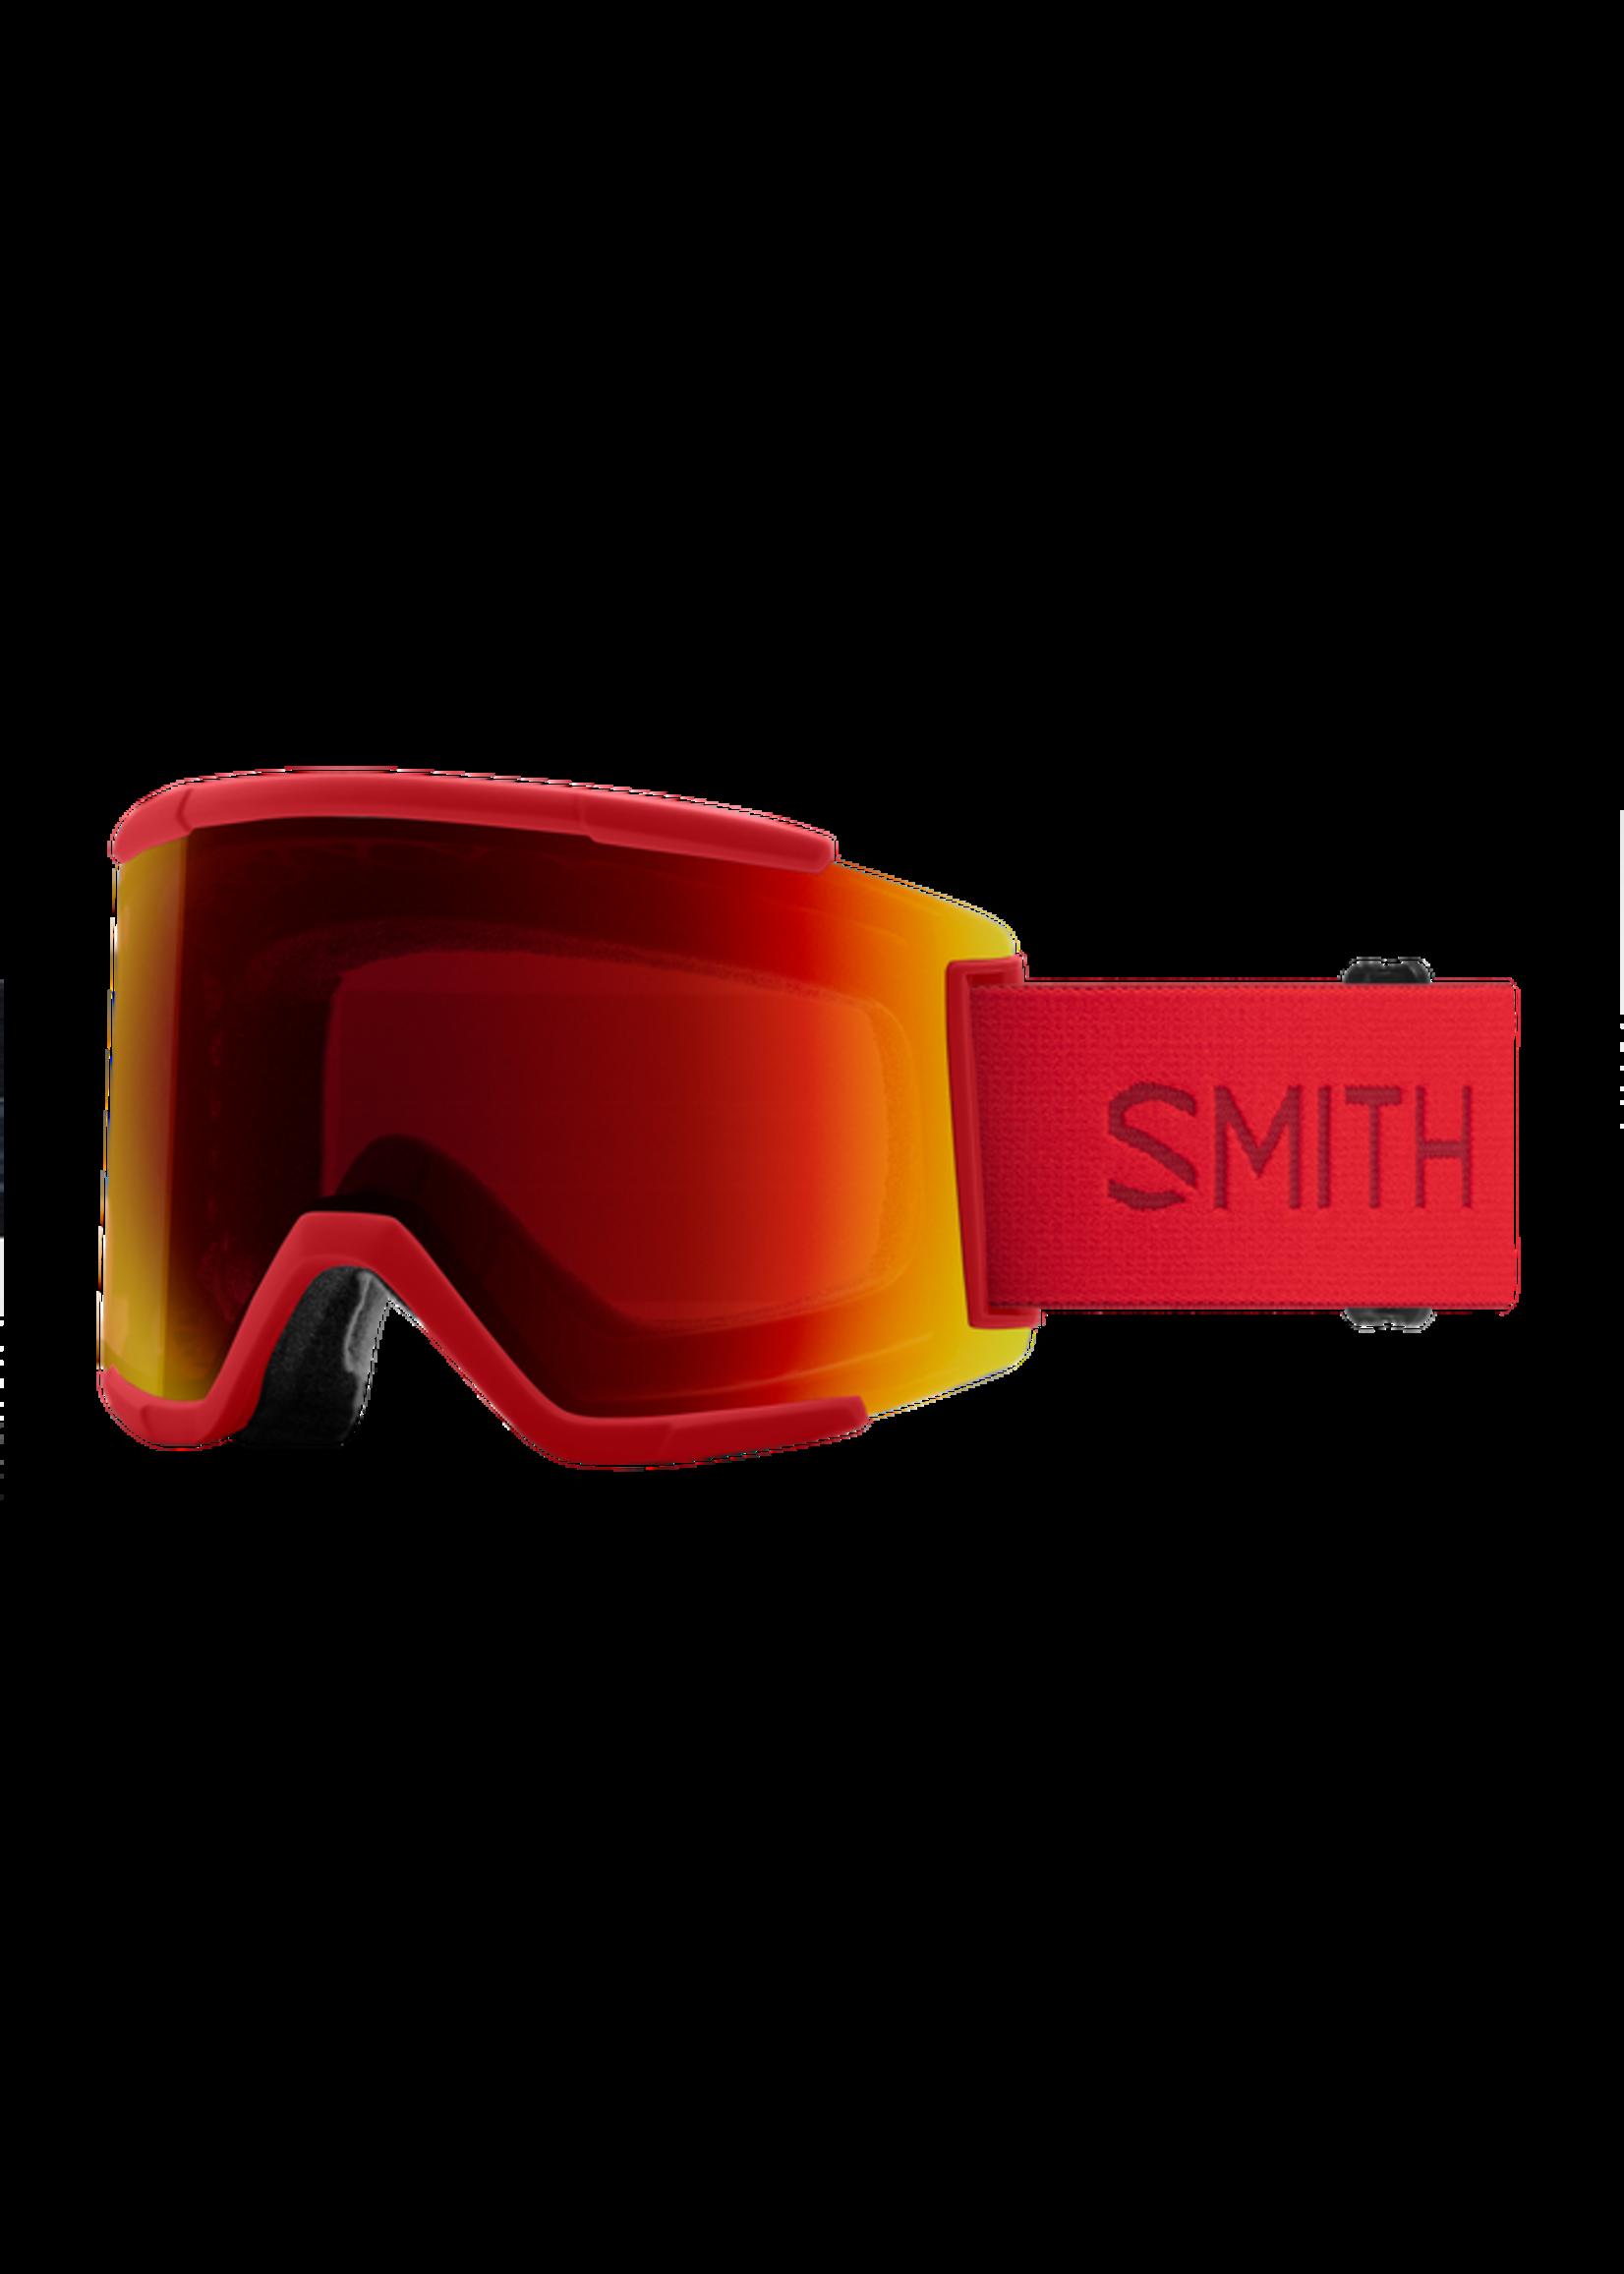 Ripcurl Smith Squad XL Goggle